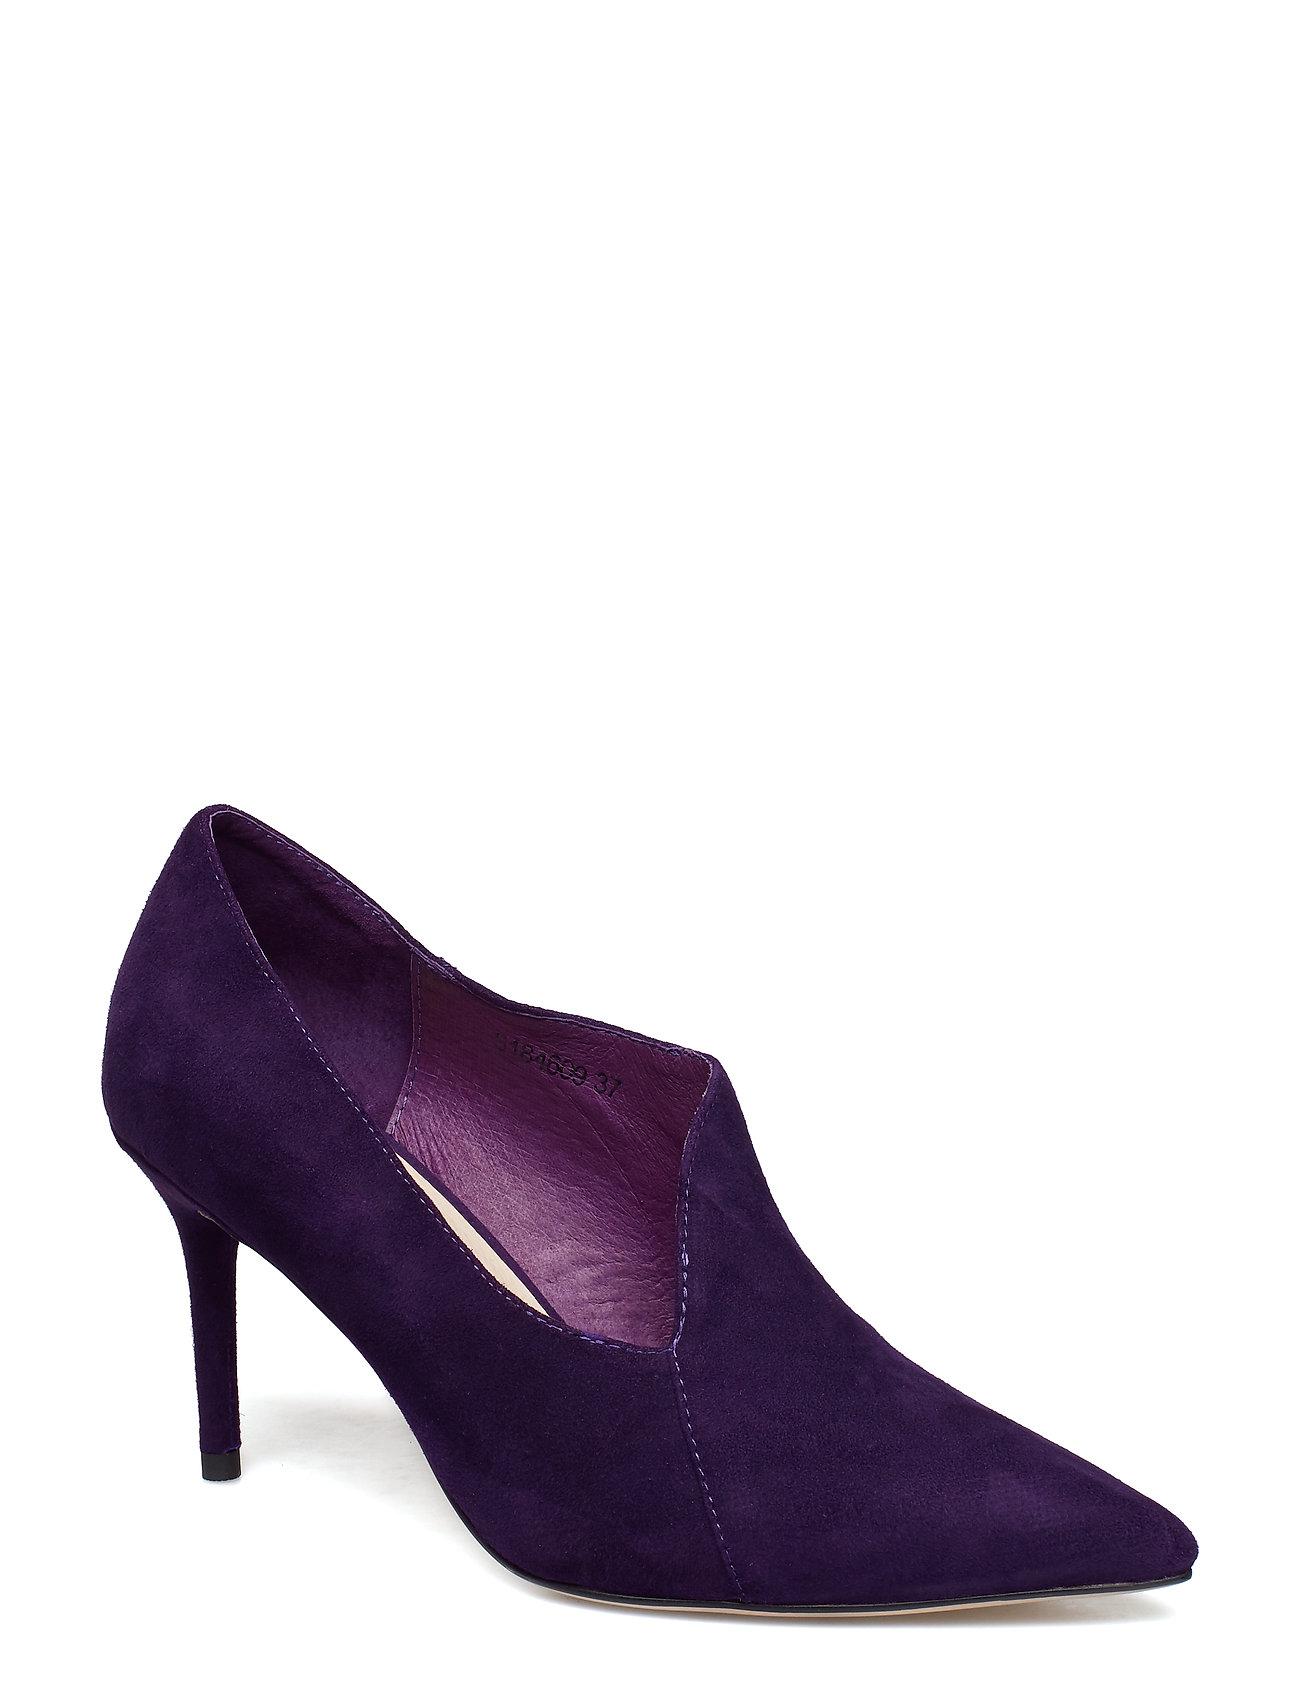 Sofie Schnoor Shoe high heel suede